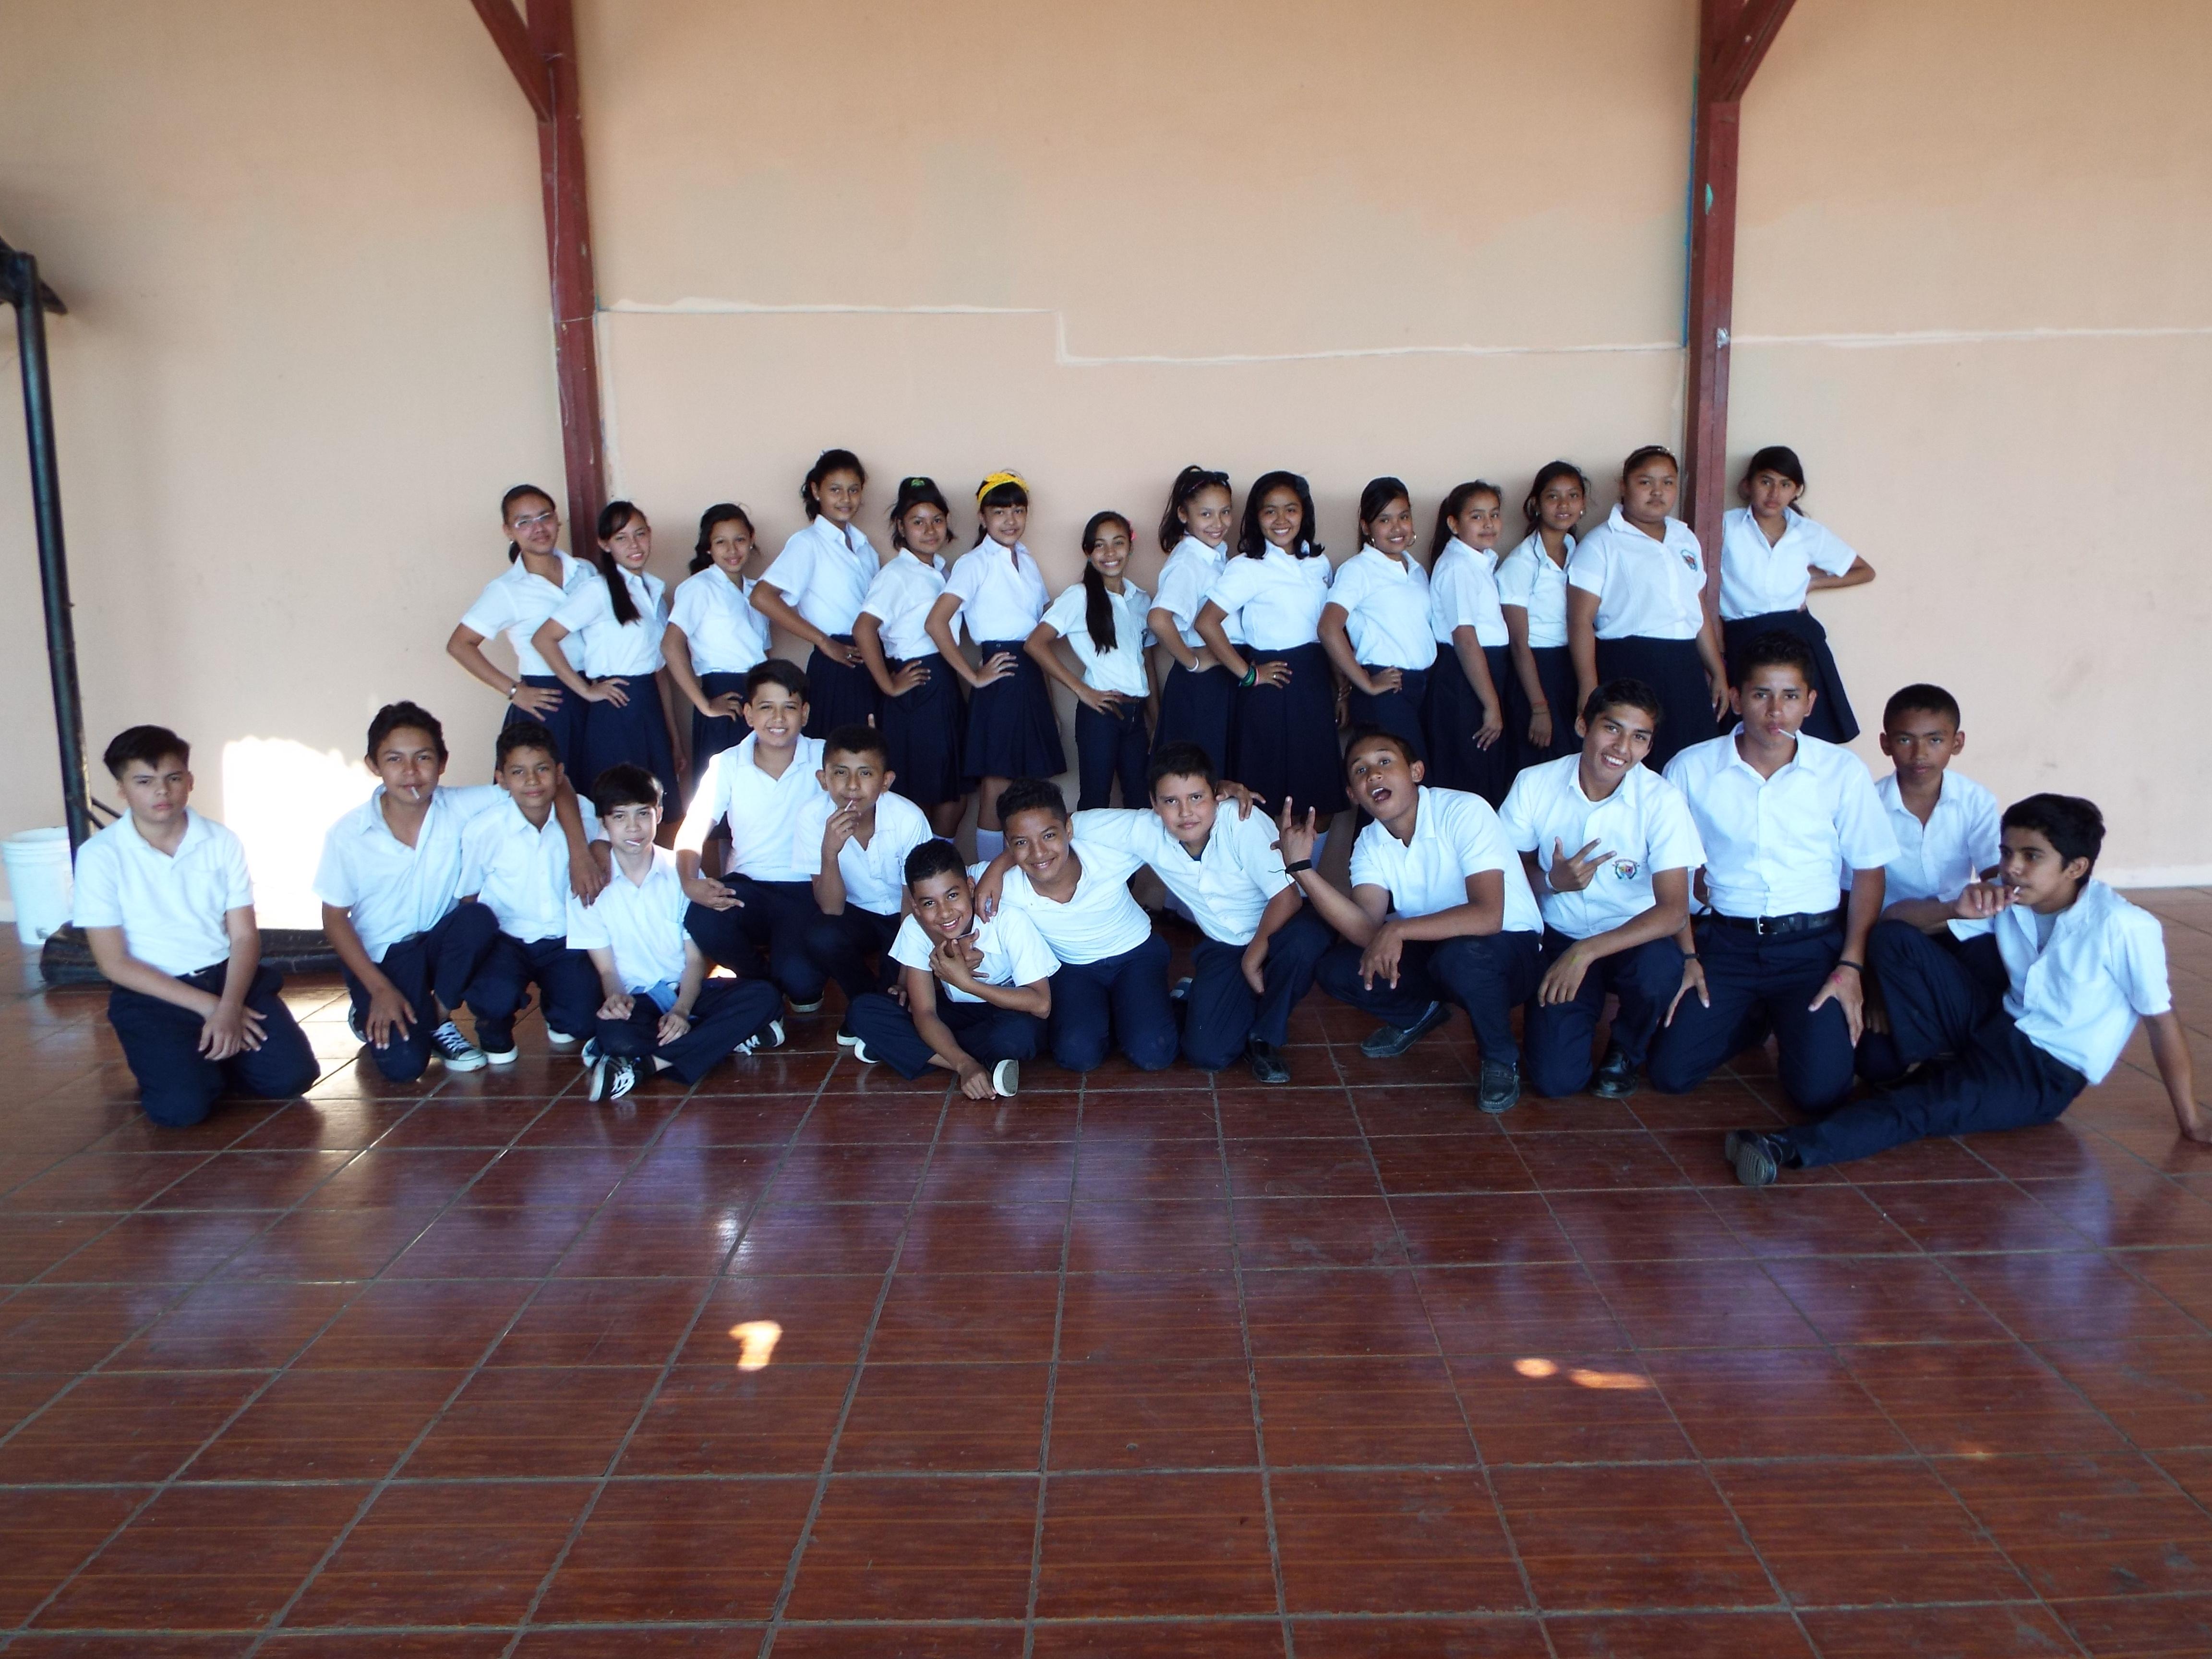 2016 8th Grade Class